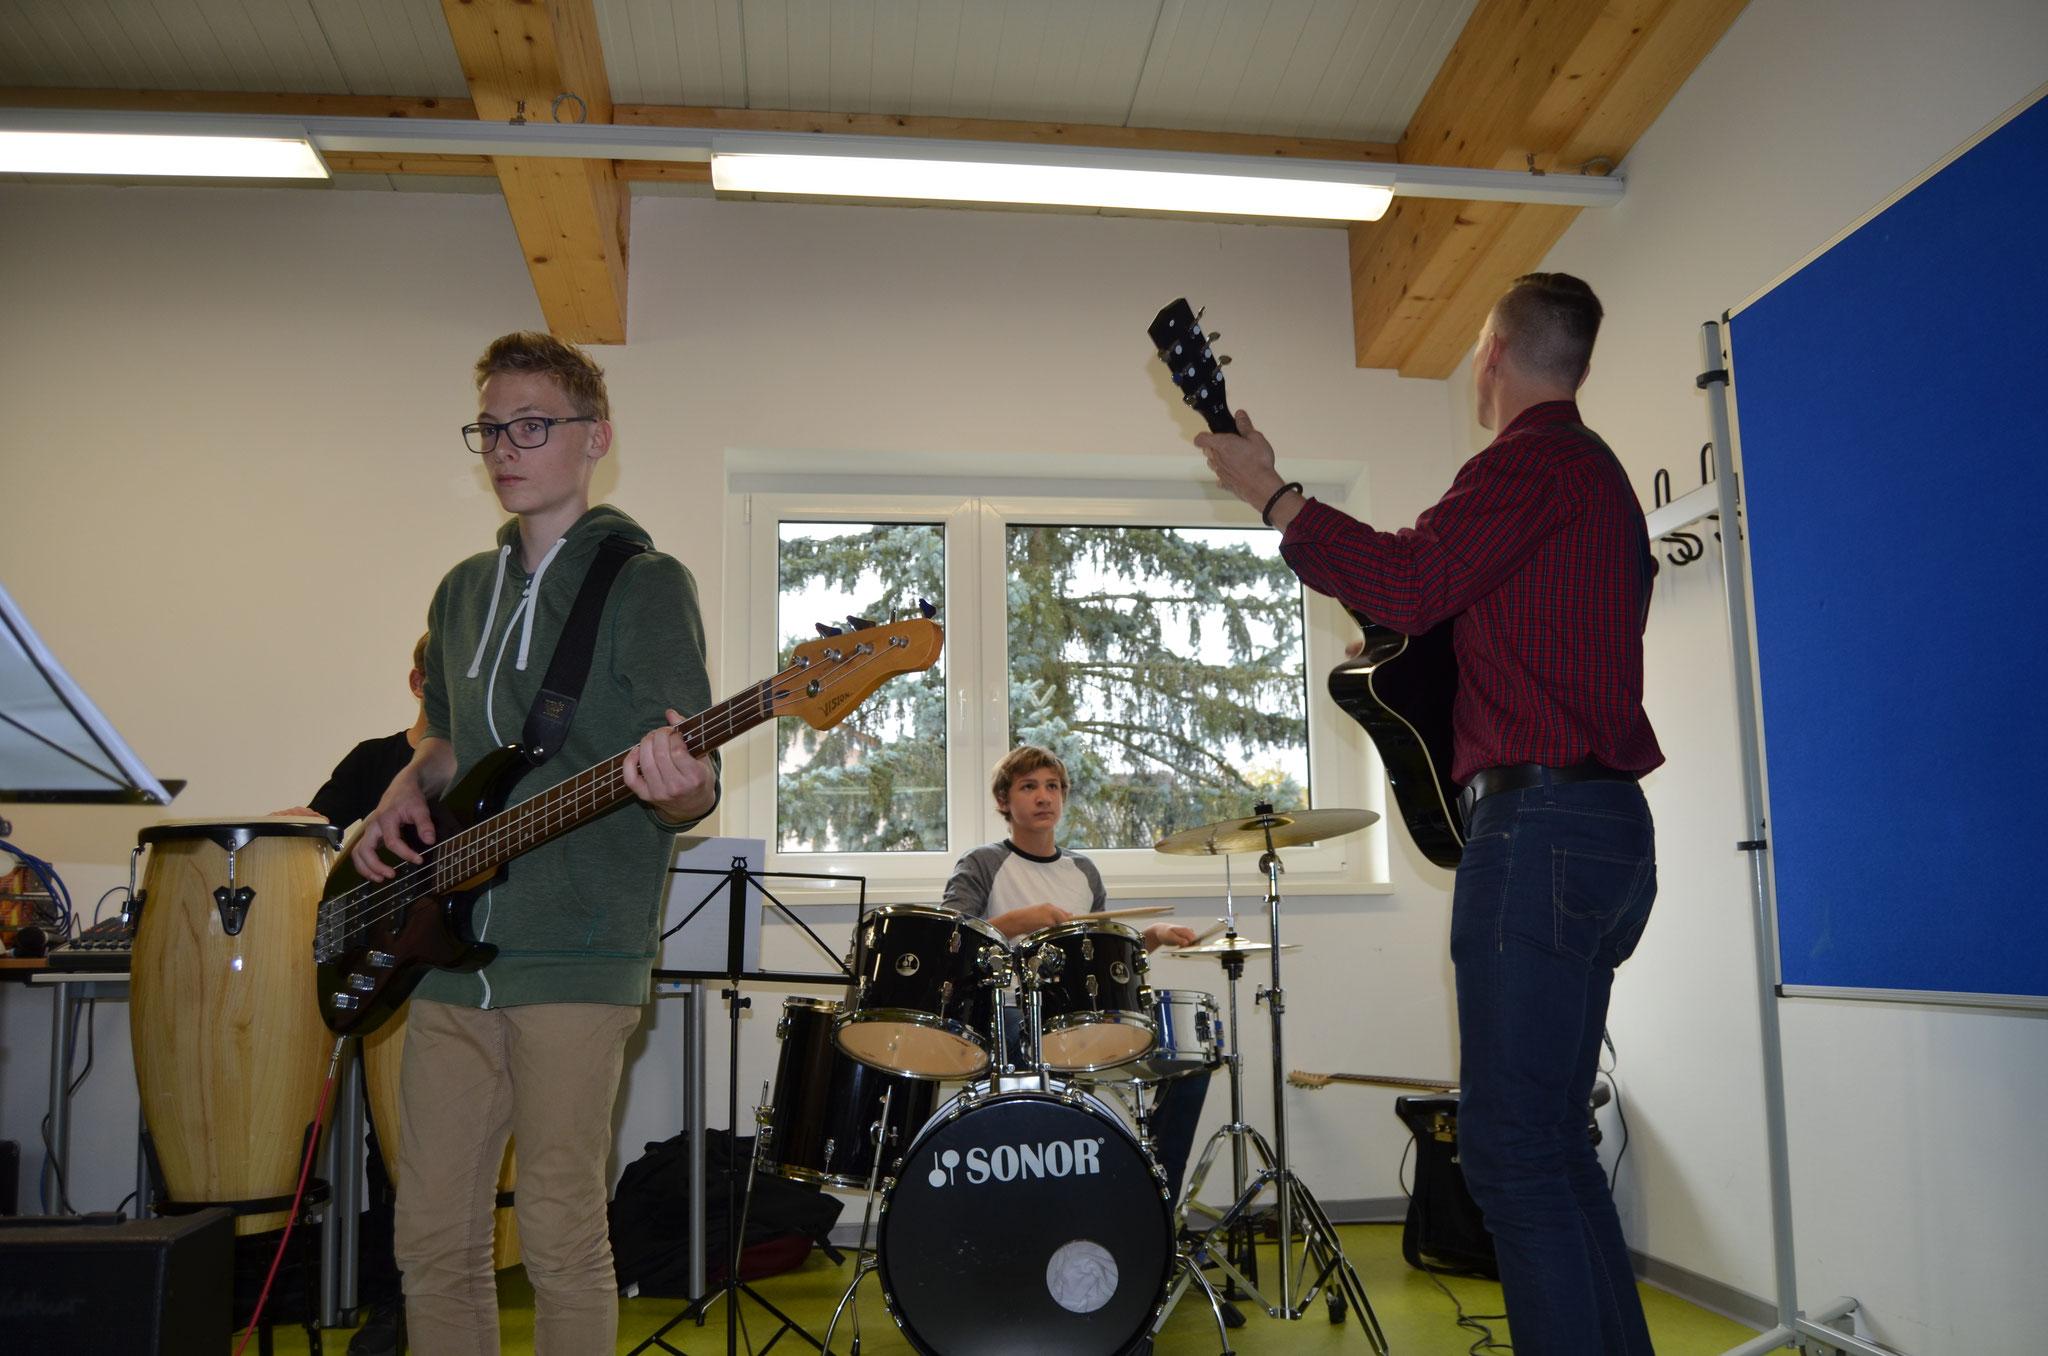 Neu gegründet und schon vier Titel im Repertoire - so präsentierte sich die erste öffentliche Probe der neuen Schülerband.